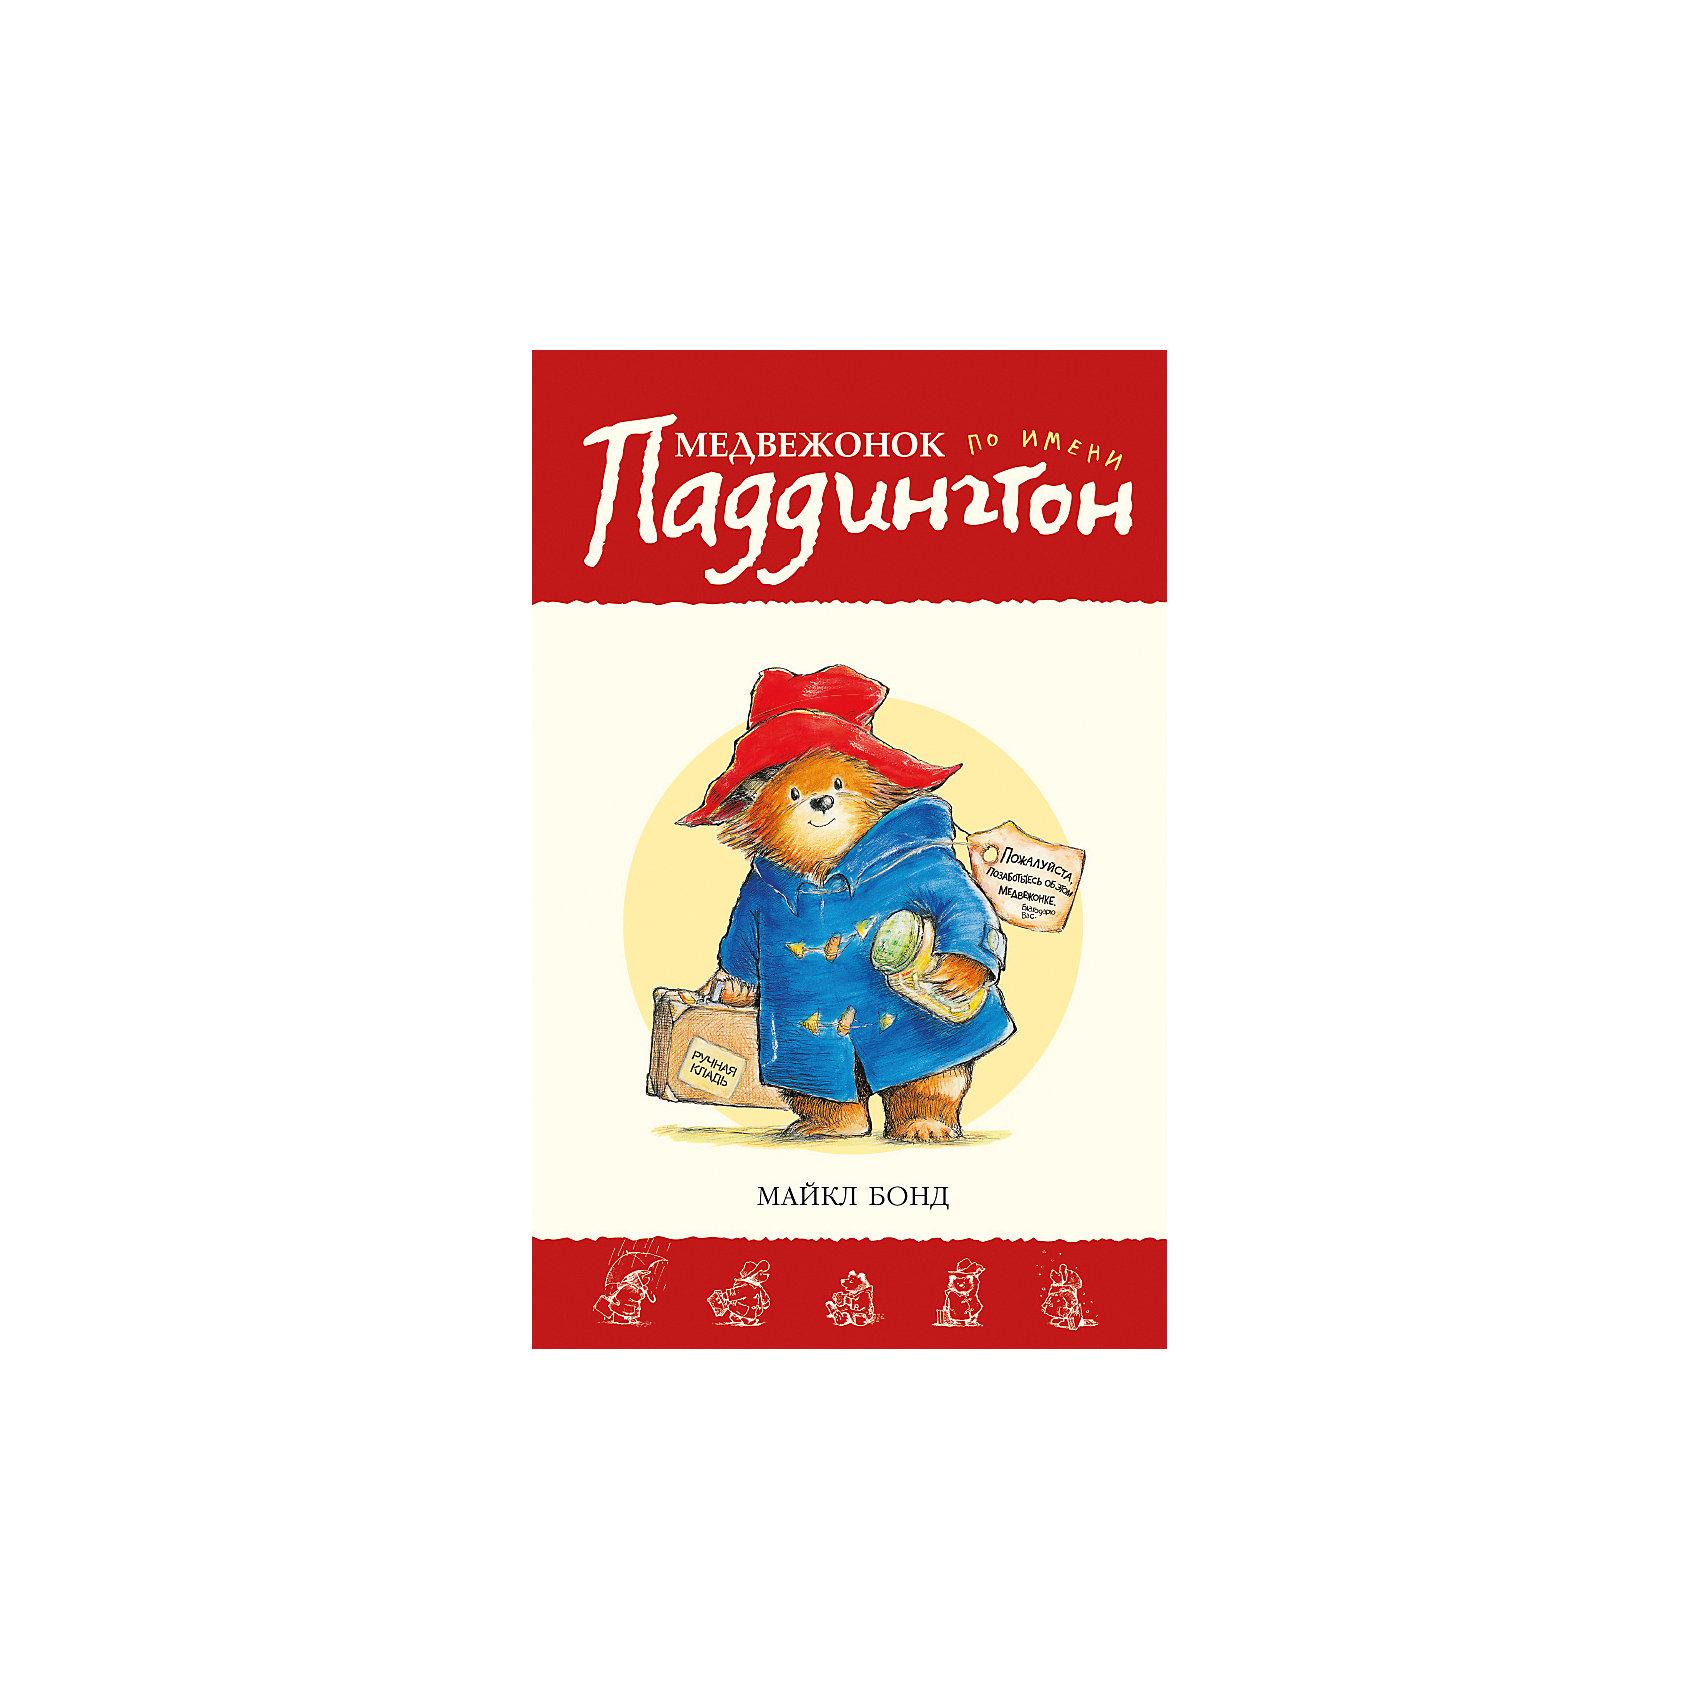 Медвежонок по имени Паддингтон, Майкл БондРассказы и повести<br>Медвежонок по имени Паддингтон, Махаон – эта книга о доверчивом и милом медвежонке, классика английской детской литературы.<br>Был канун Рождества 1956 года. Не очень известный писатель по имени Майкл Бонд в большом лондонском магазине наткнулся на никому не нужного игрушечного медвежонка. Бонд купил мишку и назвал Паддингтоном — в честь близлежащего вокзала. А потом появилось несколько рассказов о приключениях забавного медведя, прибывшего из Дремучего Перу прямиком на Паддингтонский вокзал. Так возник новый литературный символ Англии — книги о нём переведены на сорок языков, ему стоит памятник на том самом вокзале, а туристы бойко раскупают игрушечных медвежат в синих пальтишках. Приключения Паддингтона продолжаются уже более пятидесяти лет — такой уж это медведь! Где он, там никогда не бывает скучно. Для младшего школьного возраста.<br><br>Дополнительная информация:<br><br>- Автор: Бонд Майкл<br>- Художник: Фортнум П.<br>- Переводчик: Глебовская Александра<br>- Серия: Приключения медвежонка Паддингтона<br>- Тип обложки: твердая<br>- Иллюстрации: черно-белые<br>- Страниц: 192 <br>- Размер: 206x133x14 мм.<br>- Вес: 232 г.<br><br>Книгу «Медвежонок по имени Паддингтон», Махаон можно купить в нашем интернет-магазине.<br><br>Ширина мм: 200<br>Глубина мм: 126<br>Высота мм: 15<br>Вес г: 234<br>Возраст от месяцев: 84<br>Возраст до месяцев: 120<br>Пол: Унисекс<br>Возраст: Детский<br>SKU: 3972092